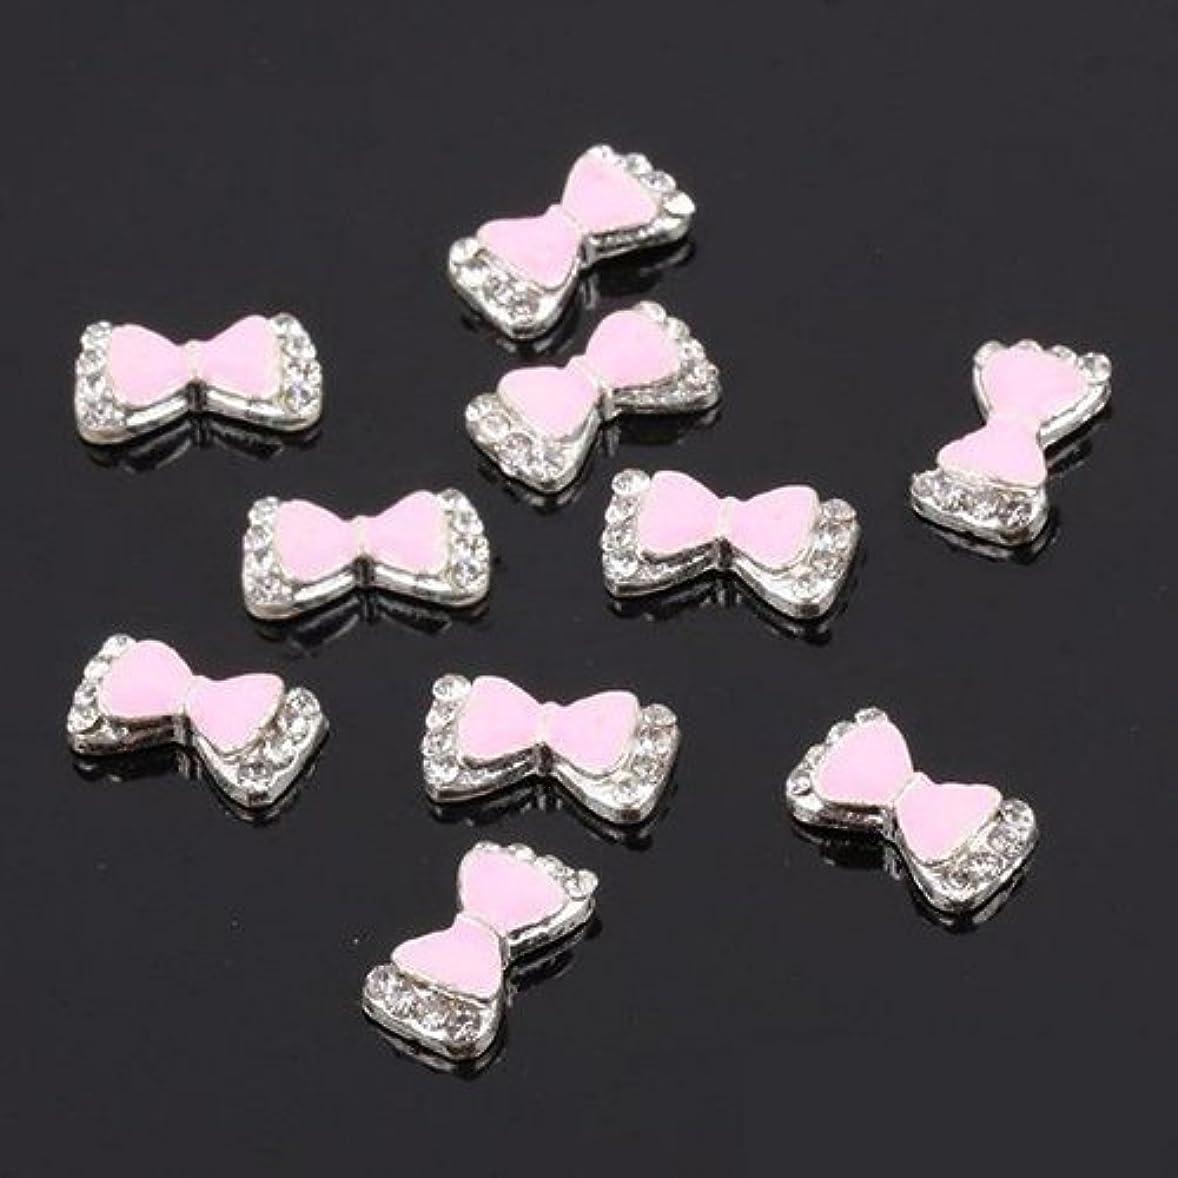 飲み込むクレーン血SODIAL(R) 10X 3D ホット 人気があるマルチラインストーン 蝶ネクタイ ネイルアート装飾ステッカー DIY-ピンク色